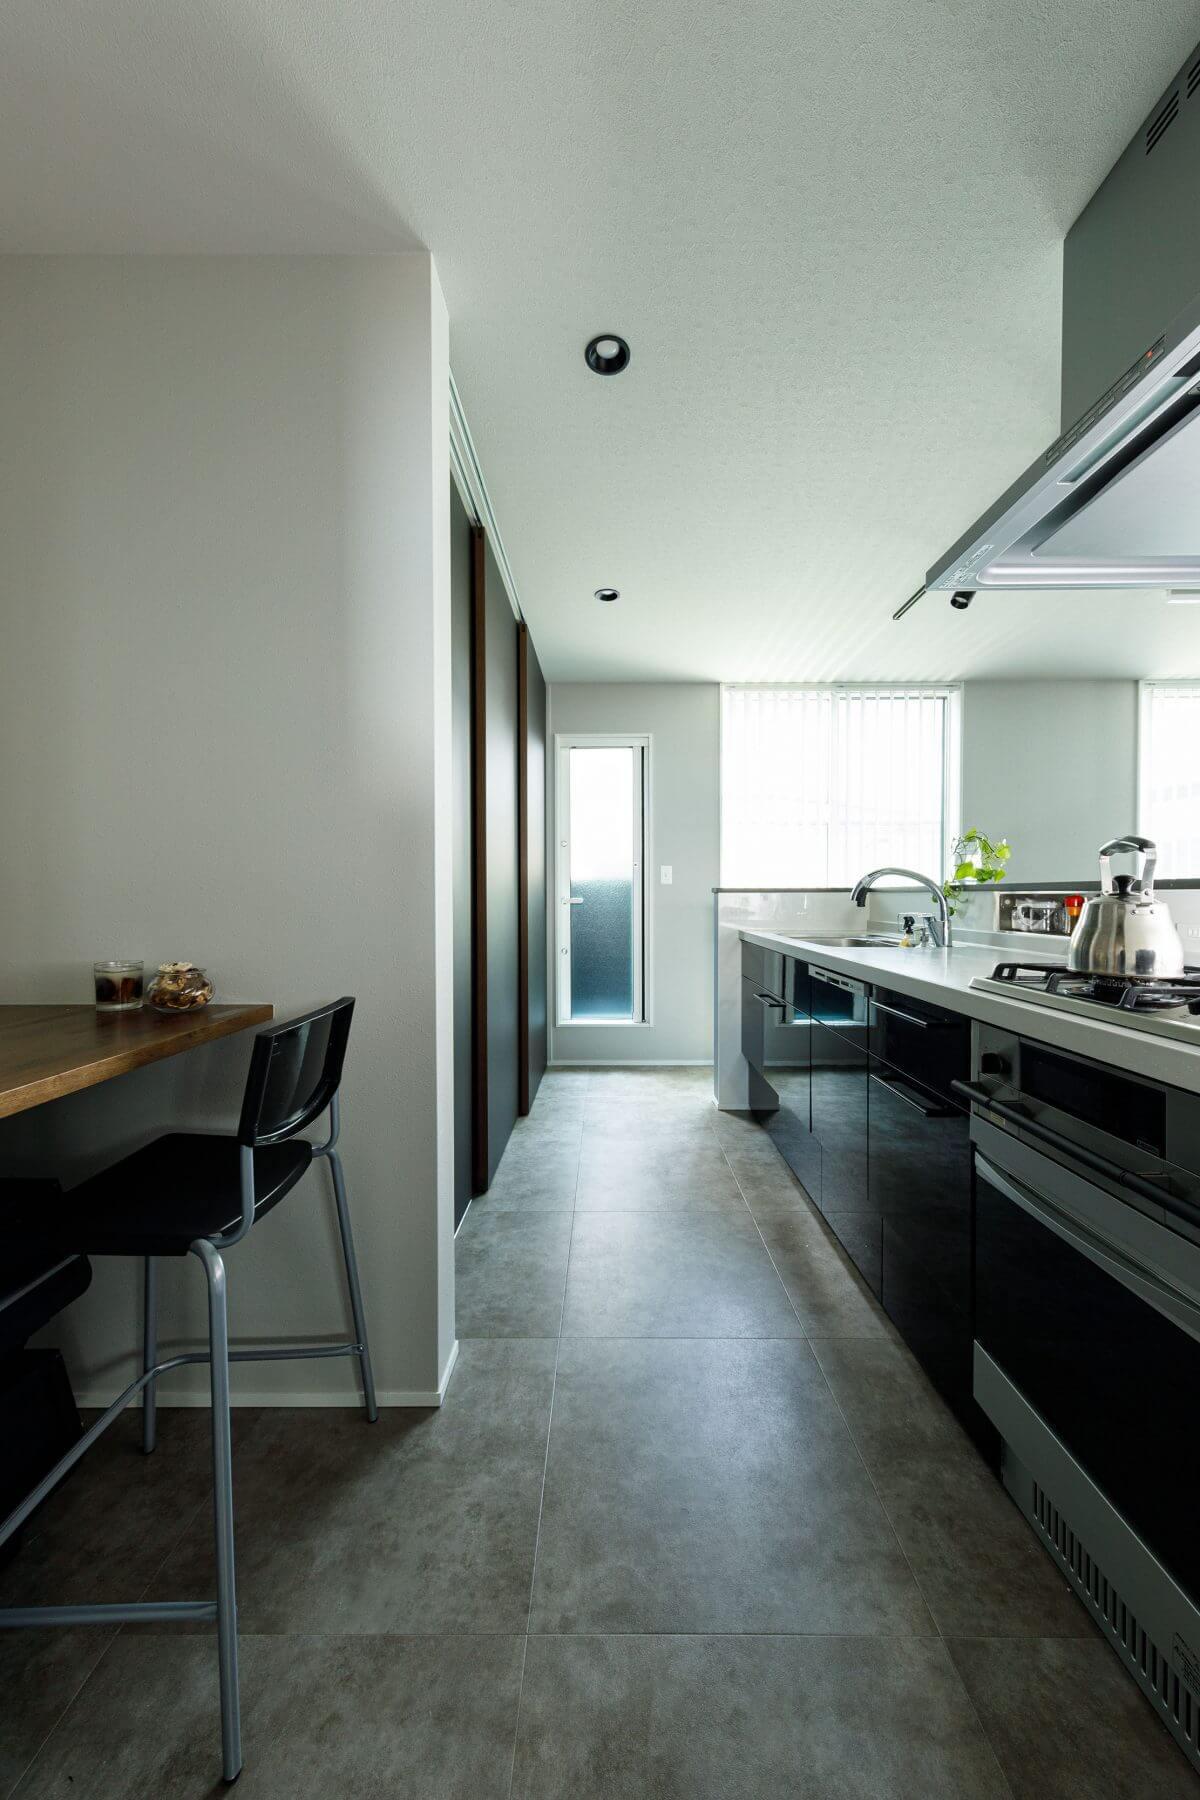 2階子世帯のキッチンはセミセパレートの対面型。手前左に見える少し明かりを抑えた落ち着く空間には多目的カウンターを設置しました。レシピを調べたり、家事の合間に休憩したりと何かと便利な場所。家事ラクを考慮した便利な提案が随所にみられる住まいです。